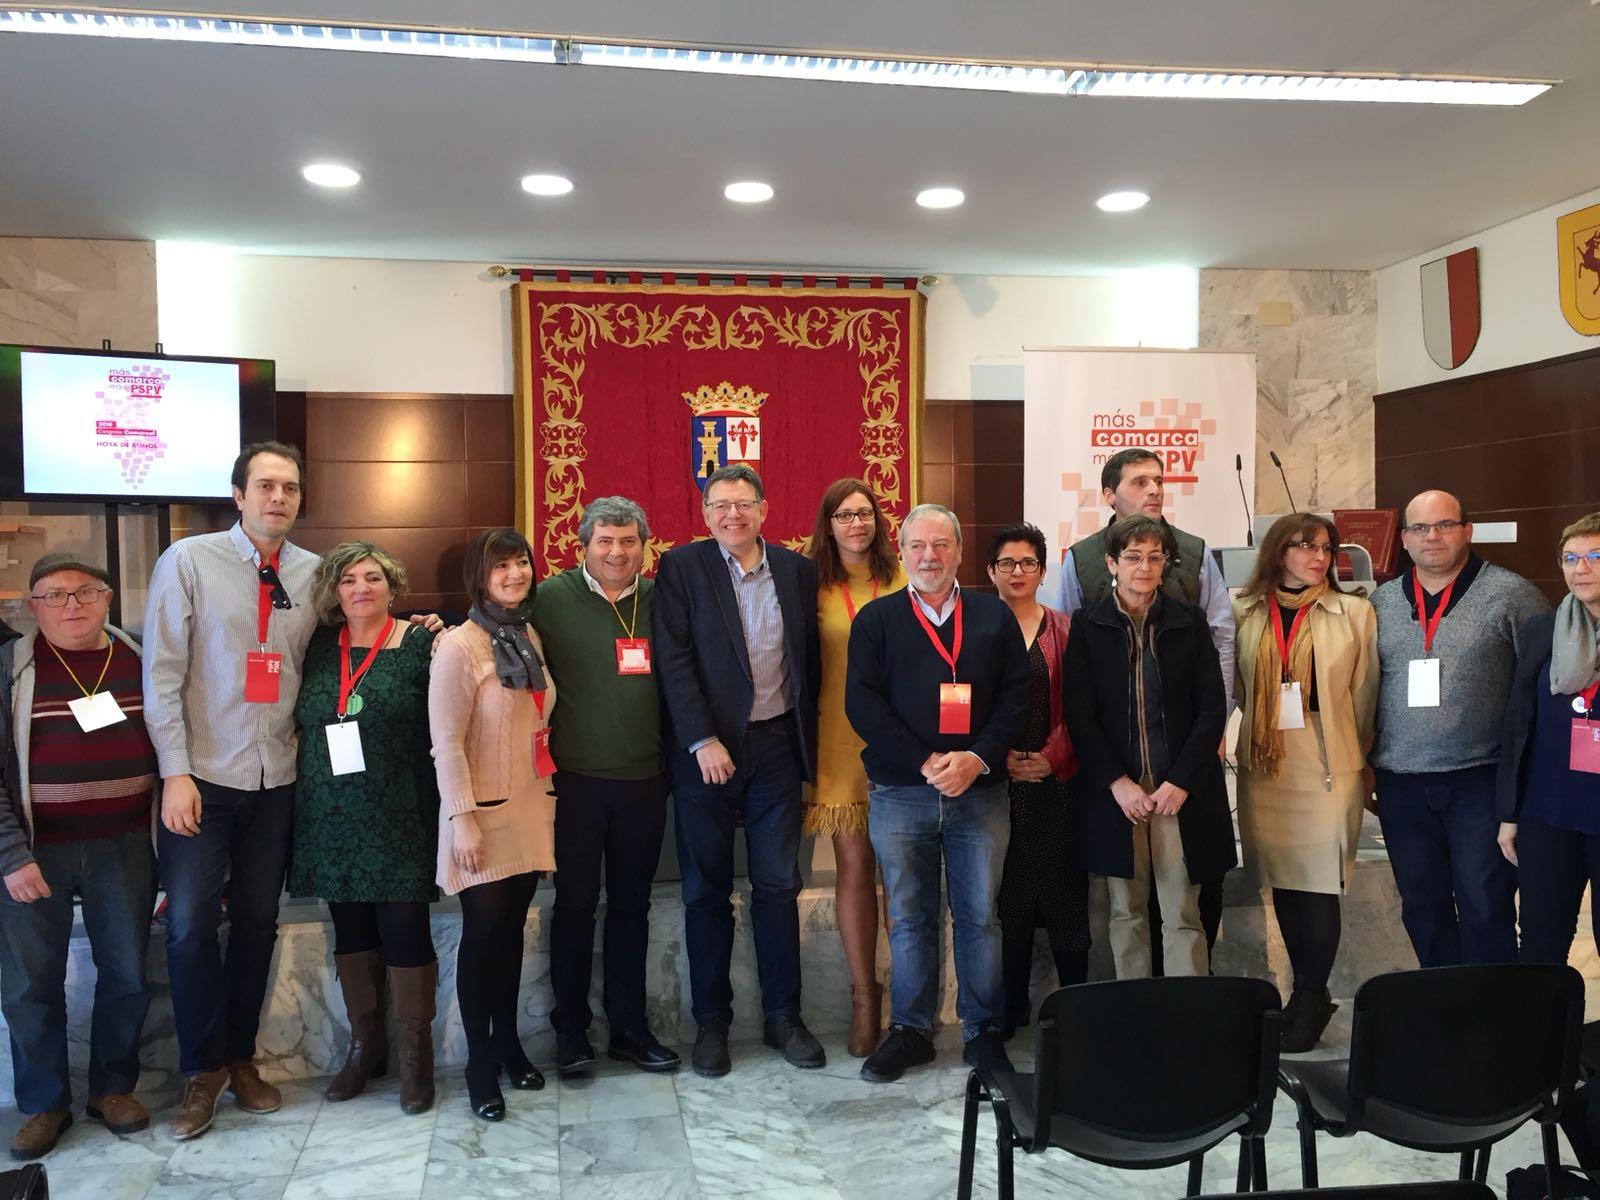 El Secretario General del PSPV-PSOE junto a alcaldes ya alcaldesas del PSPV-PSOE de La Hoya de Buñol-Chiva tras el congreso.